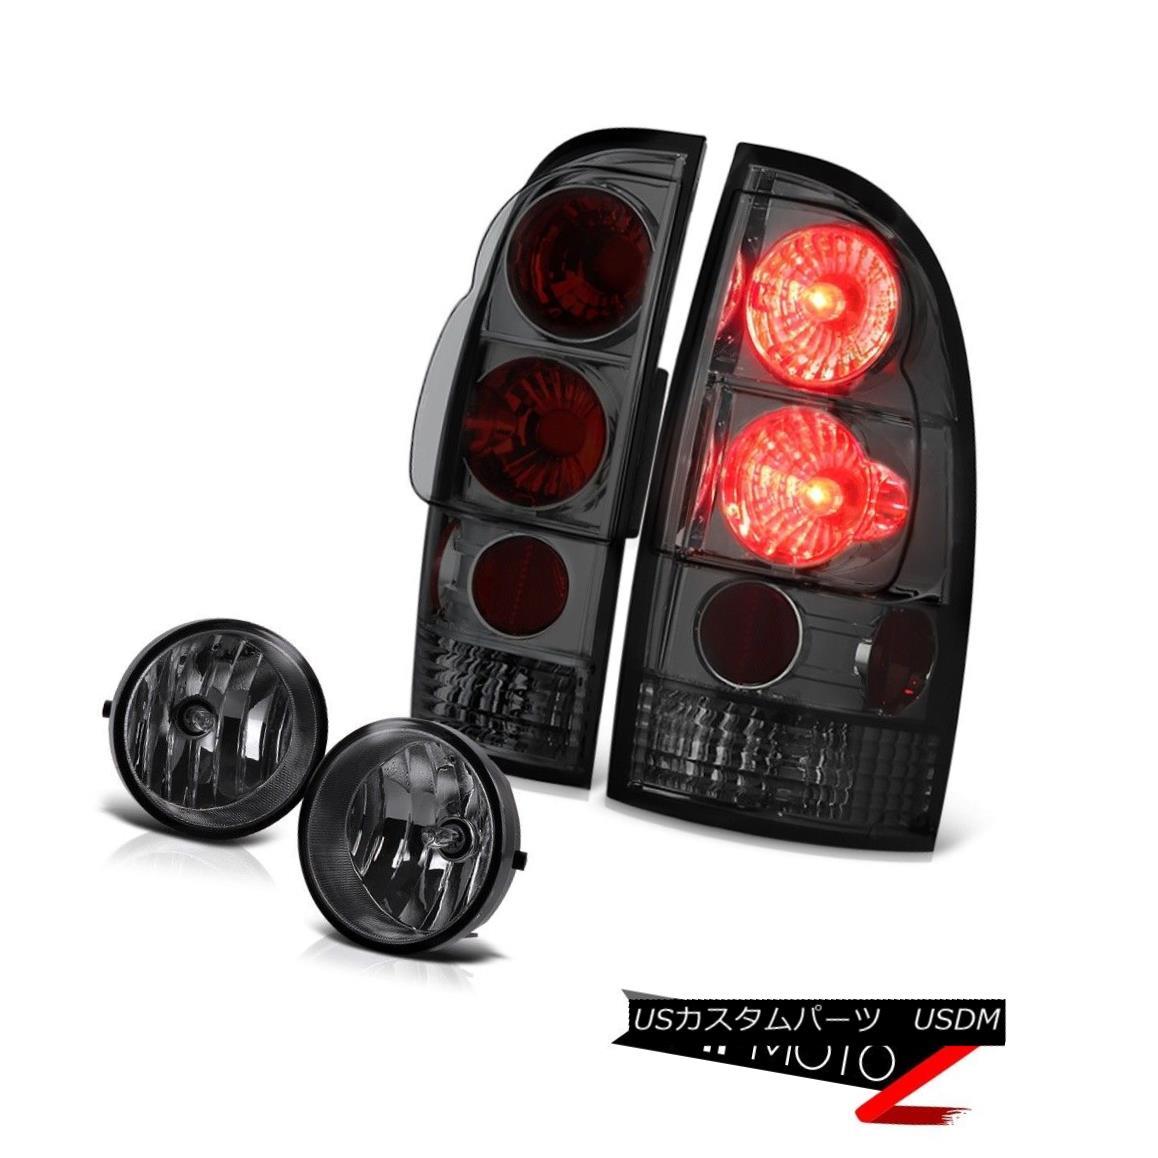 テールライト 2005-2011 toyota tacoma smoke rear brake signal tail lights fog  lamps wiring kit 2005-2011 toyota tacoma smokeリアブレーキ信号テールライト